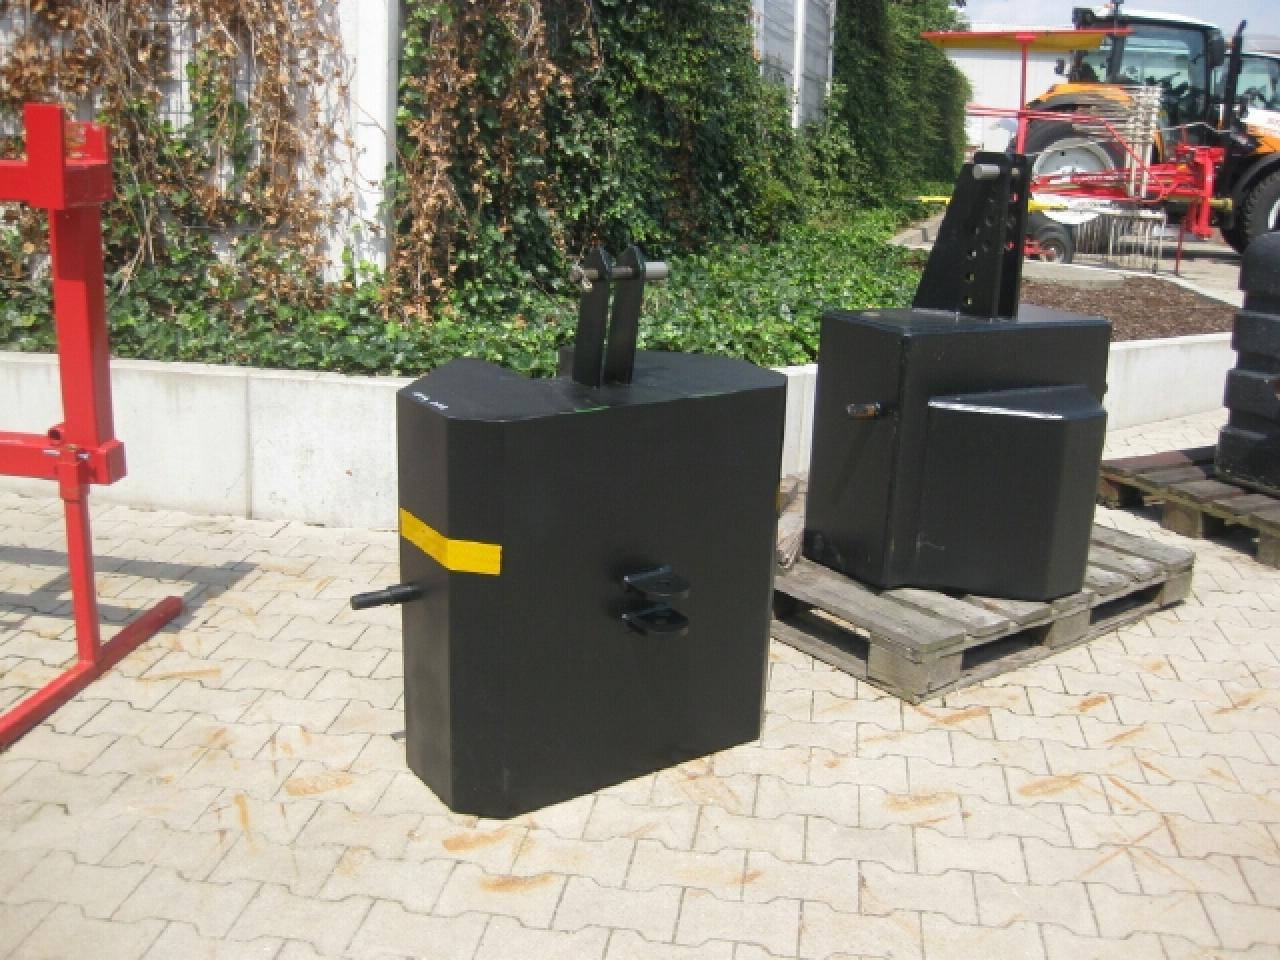 Case Frontgewicht 600 kg